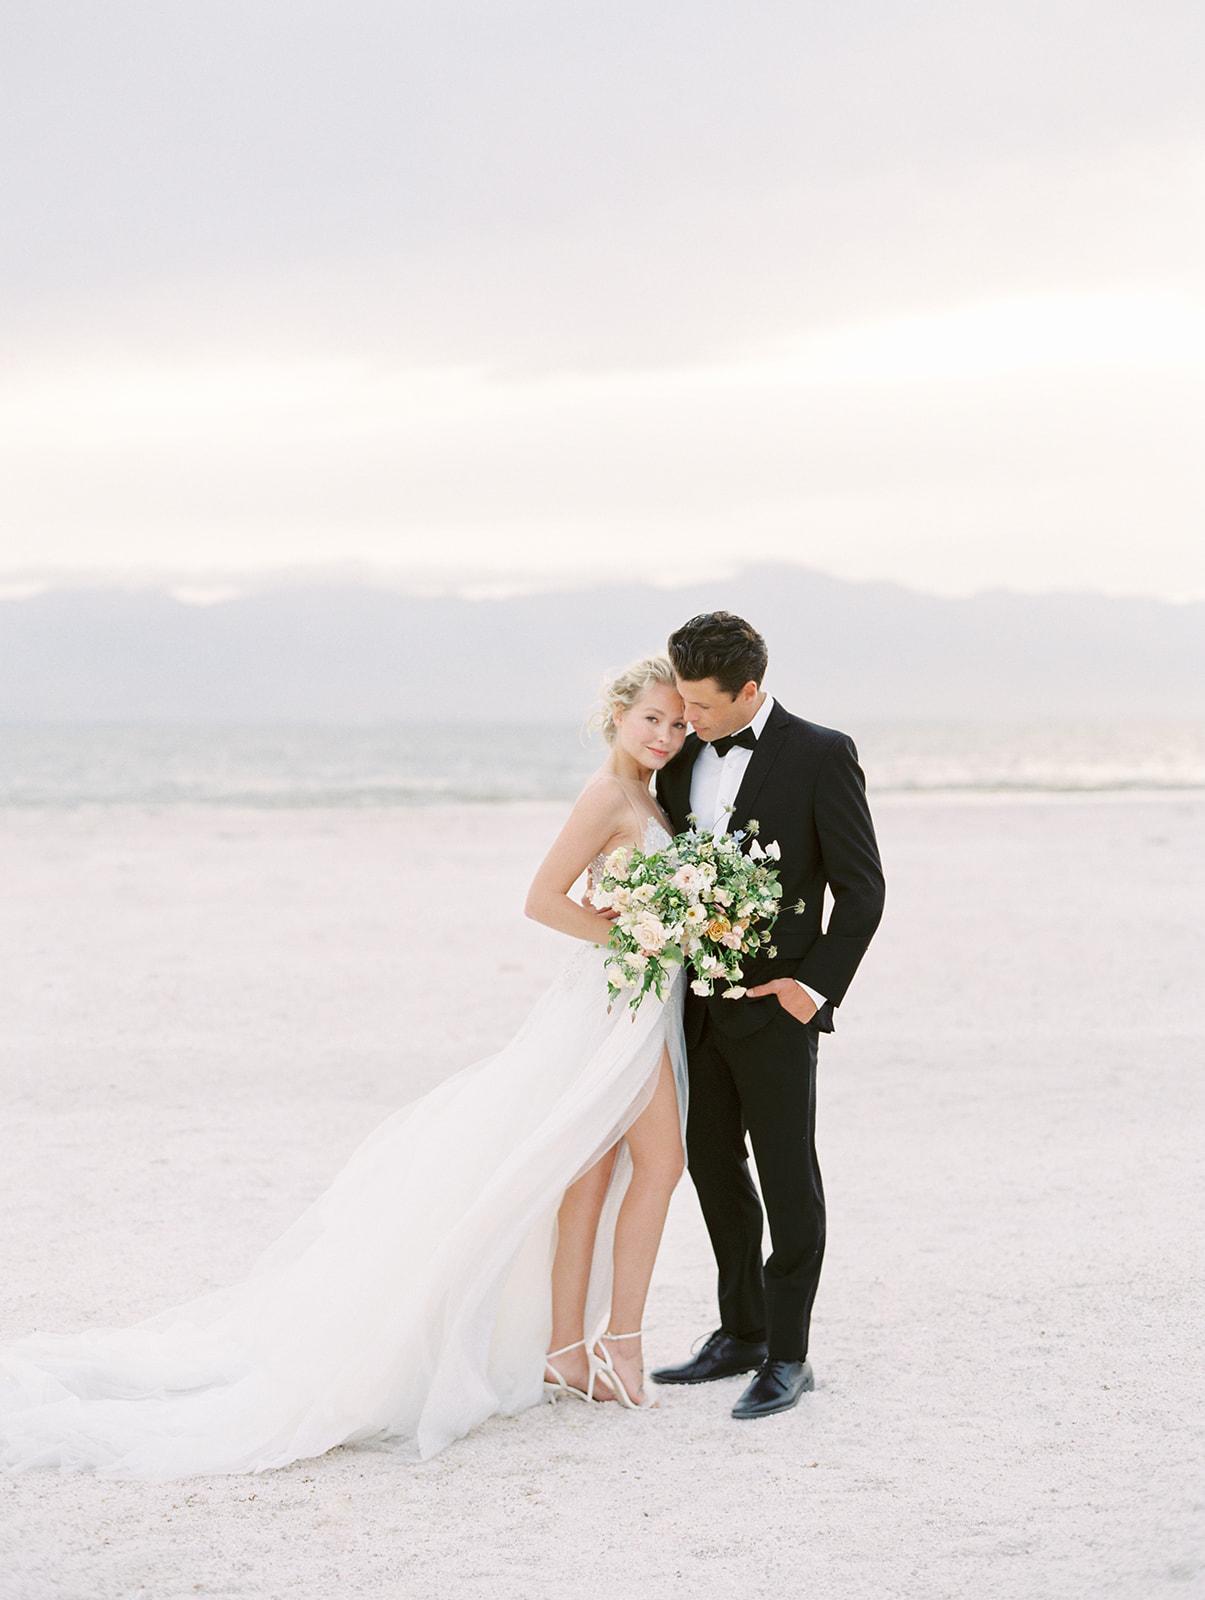 Luxury wedding design by Finding Flora